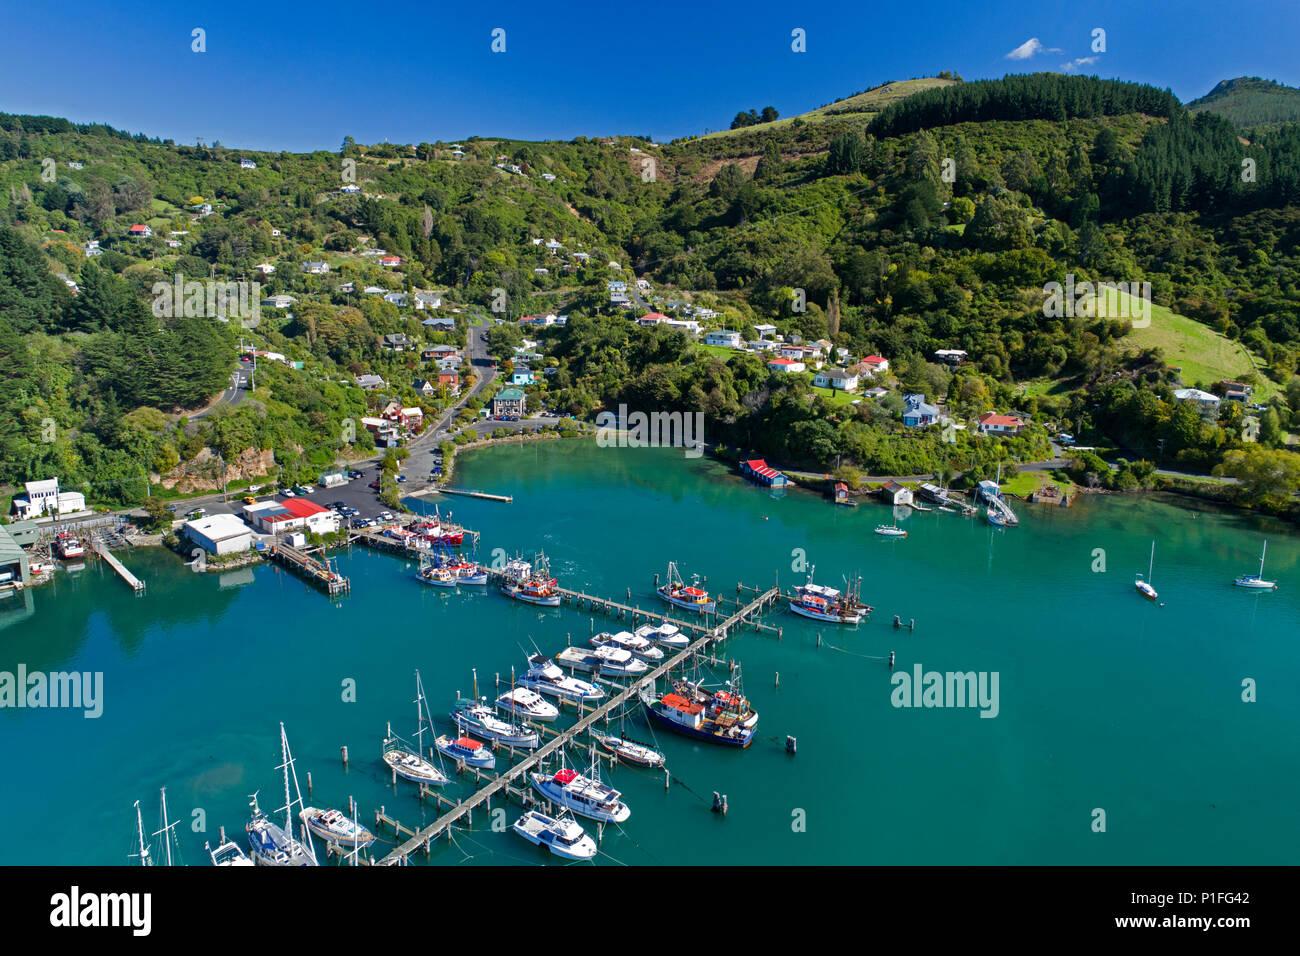 Los barcos pesqueros Carey's Bay Wharf y el puerto de Otago, Dunedin, Chalmers, el puerto de Otago, Isla del Sur, Nueva Zelanda - antena drone Foto de stock